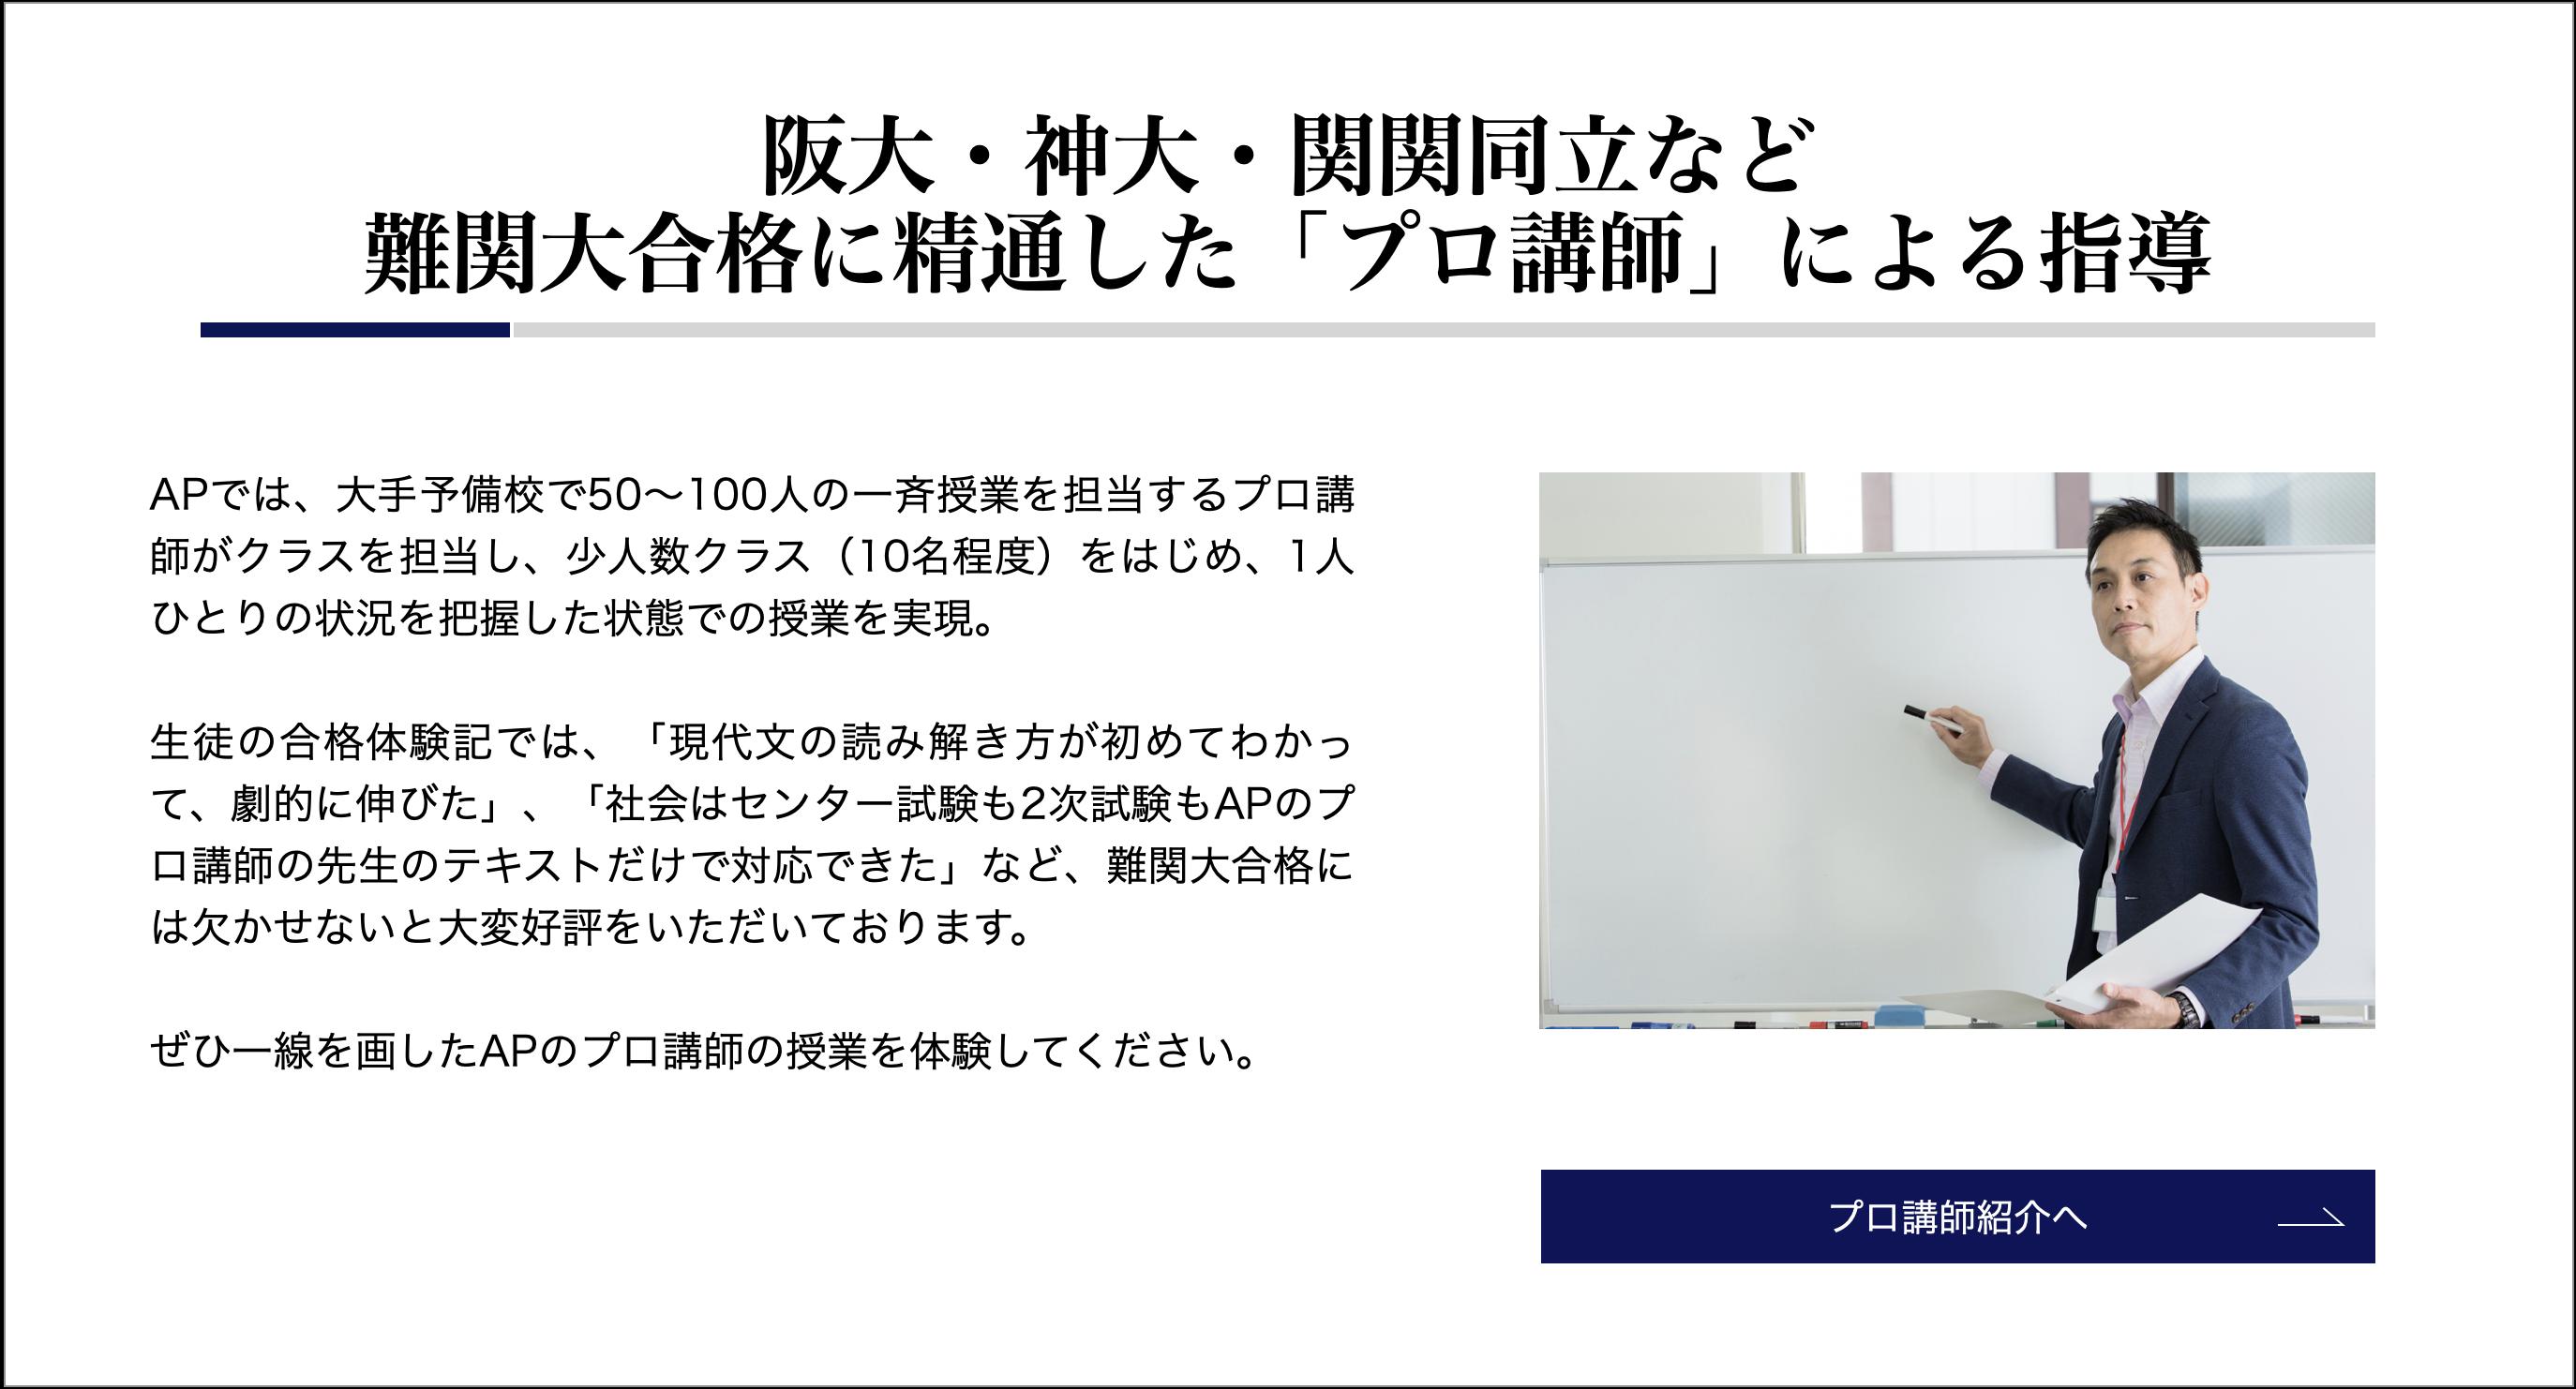 阪大・神大・関関同立など難関大合格に精通した「プロ講師」による指導